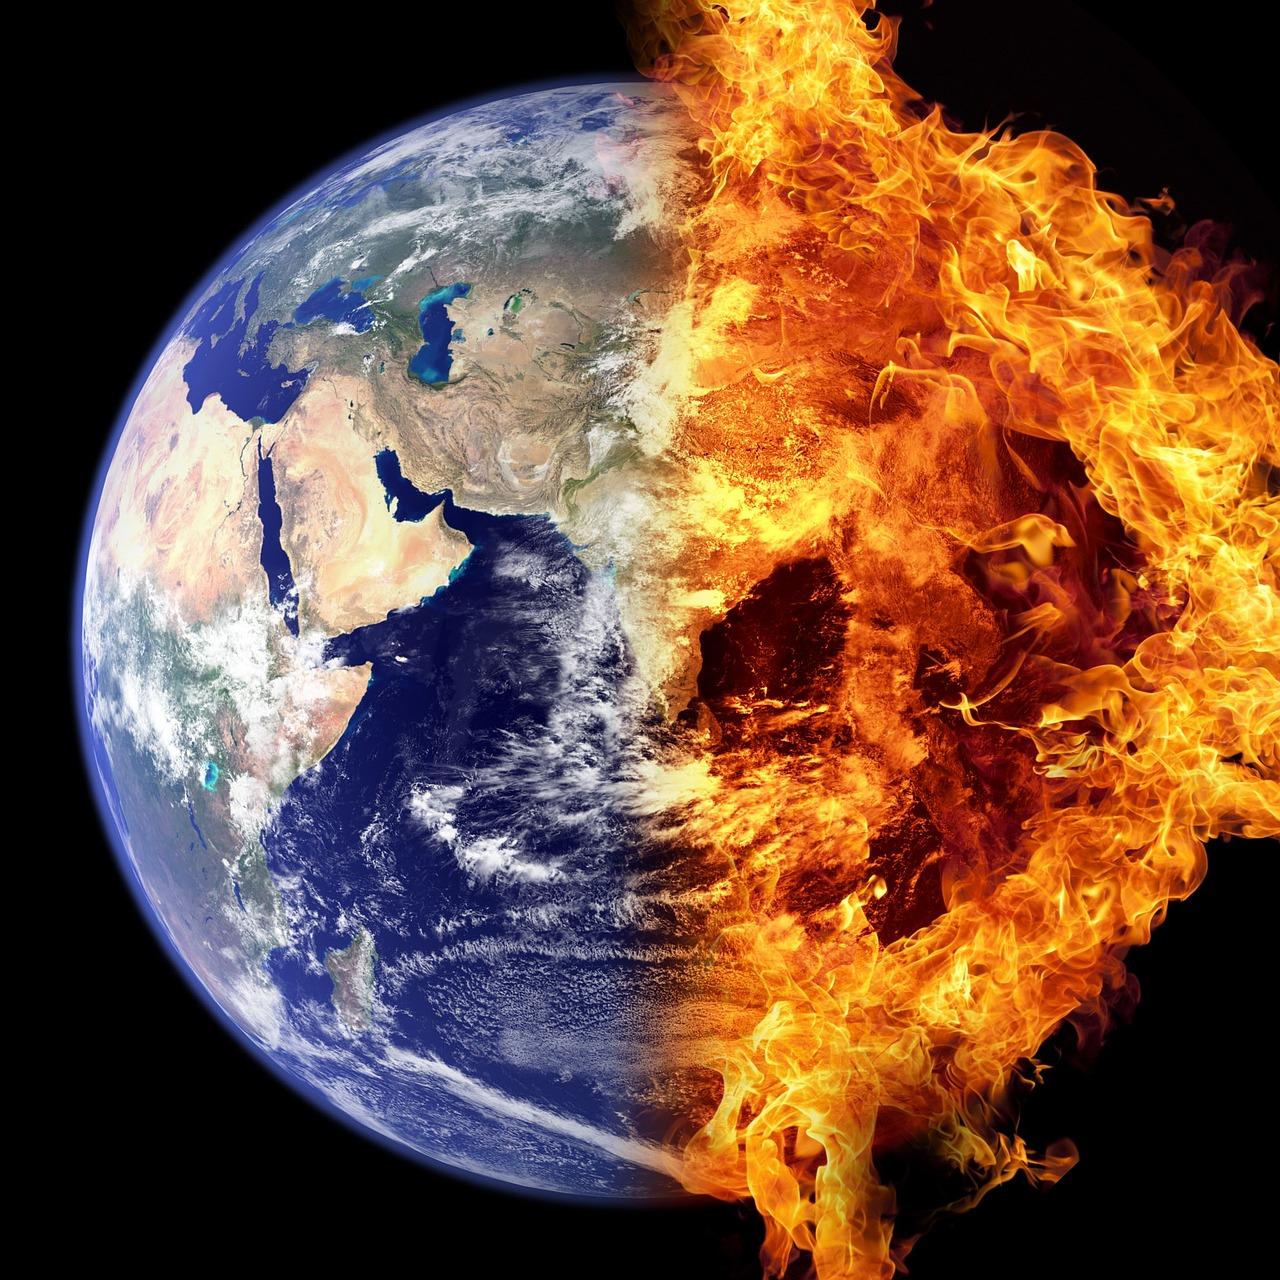 La terre va-t-elle s'arrêter de tourner ?